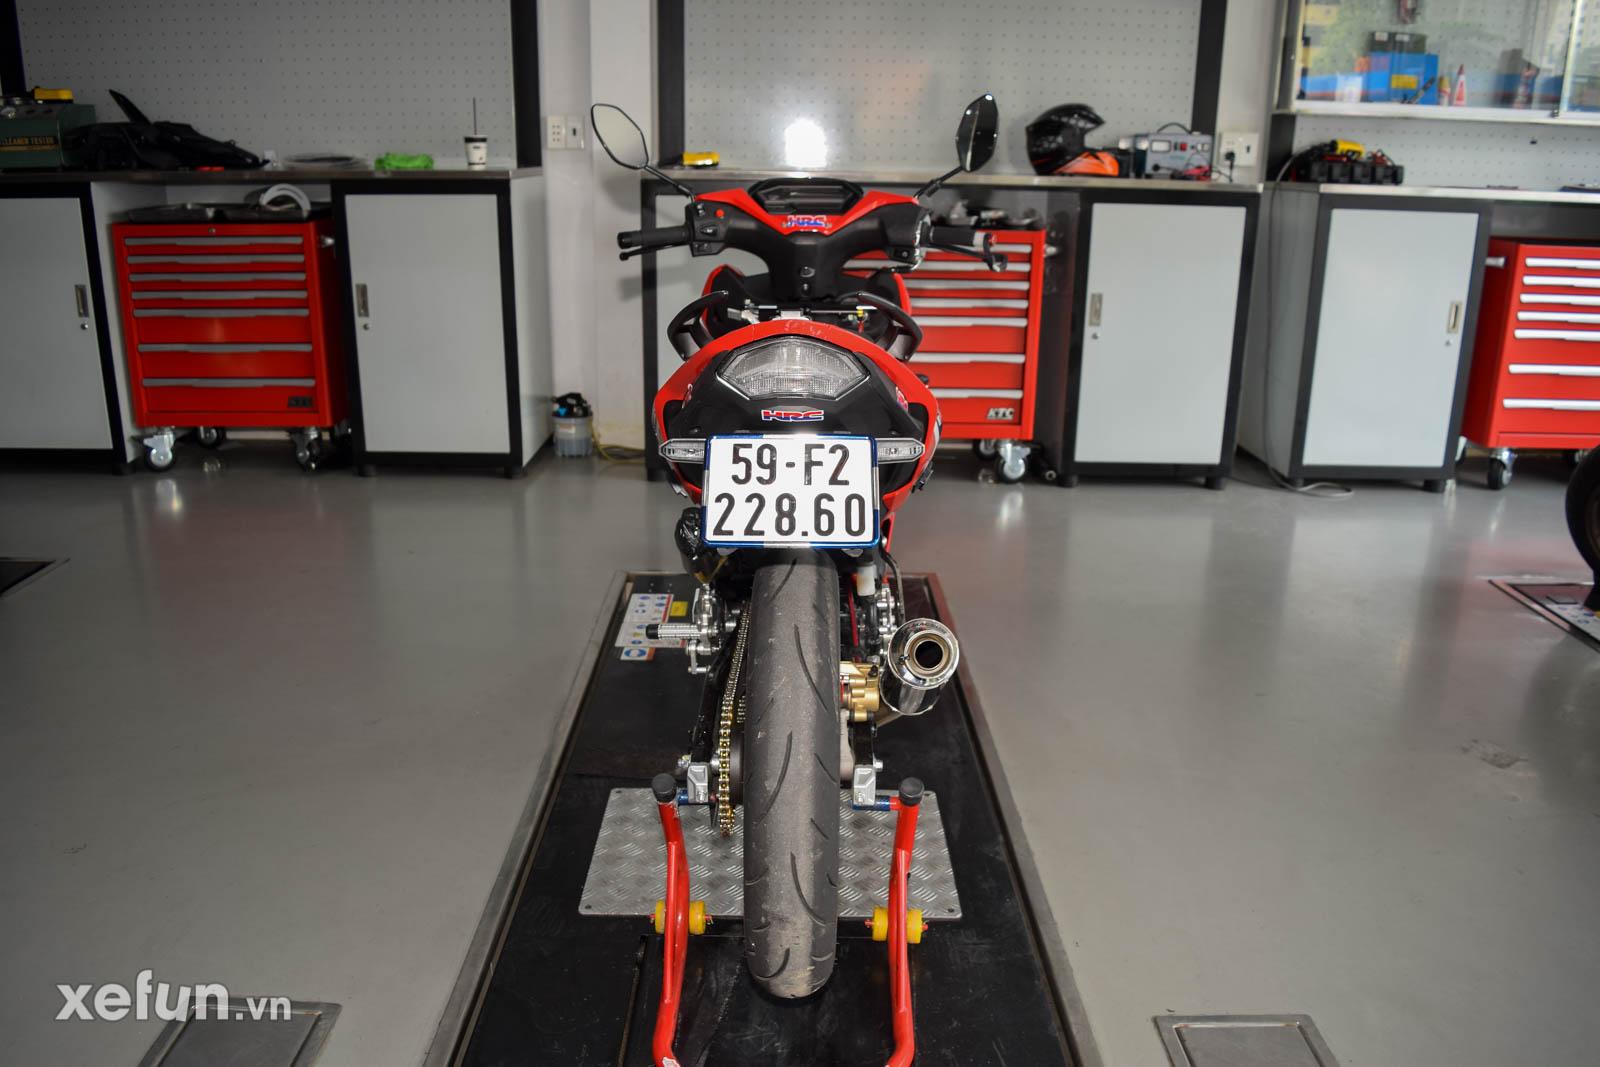 Honda Winner X 2021 độ track_xefun